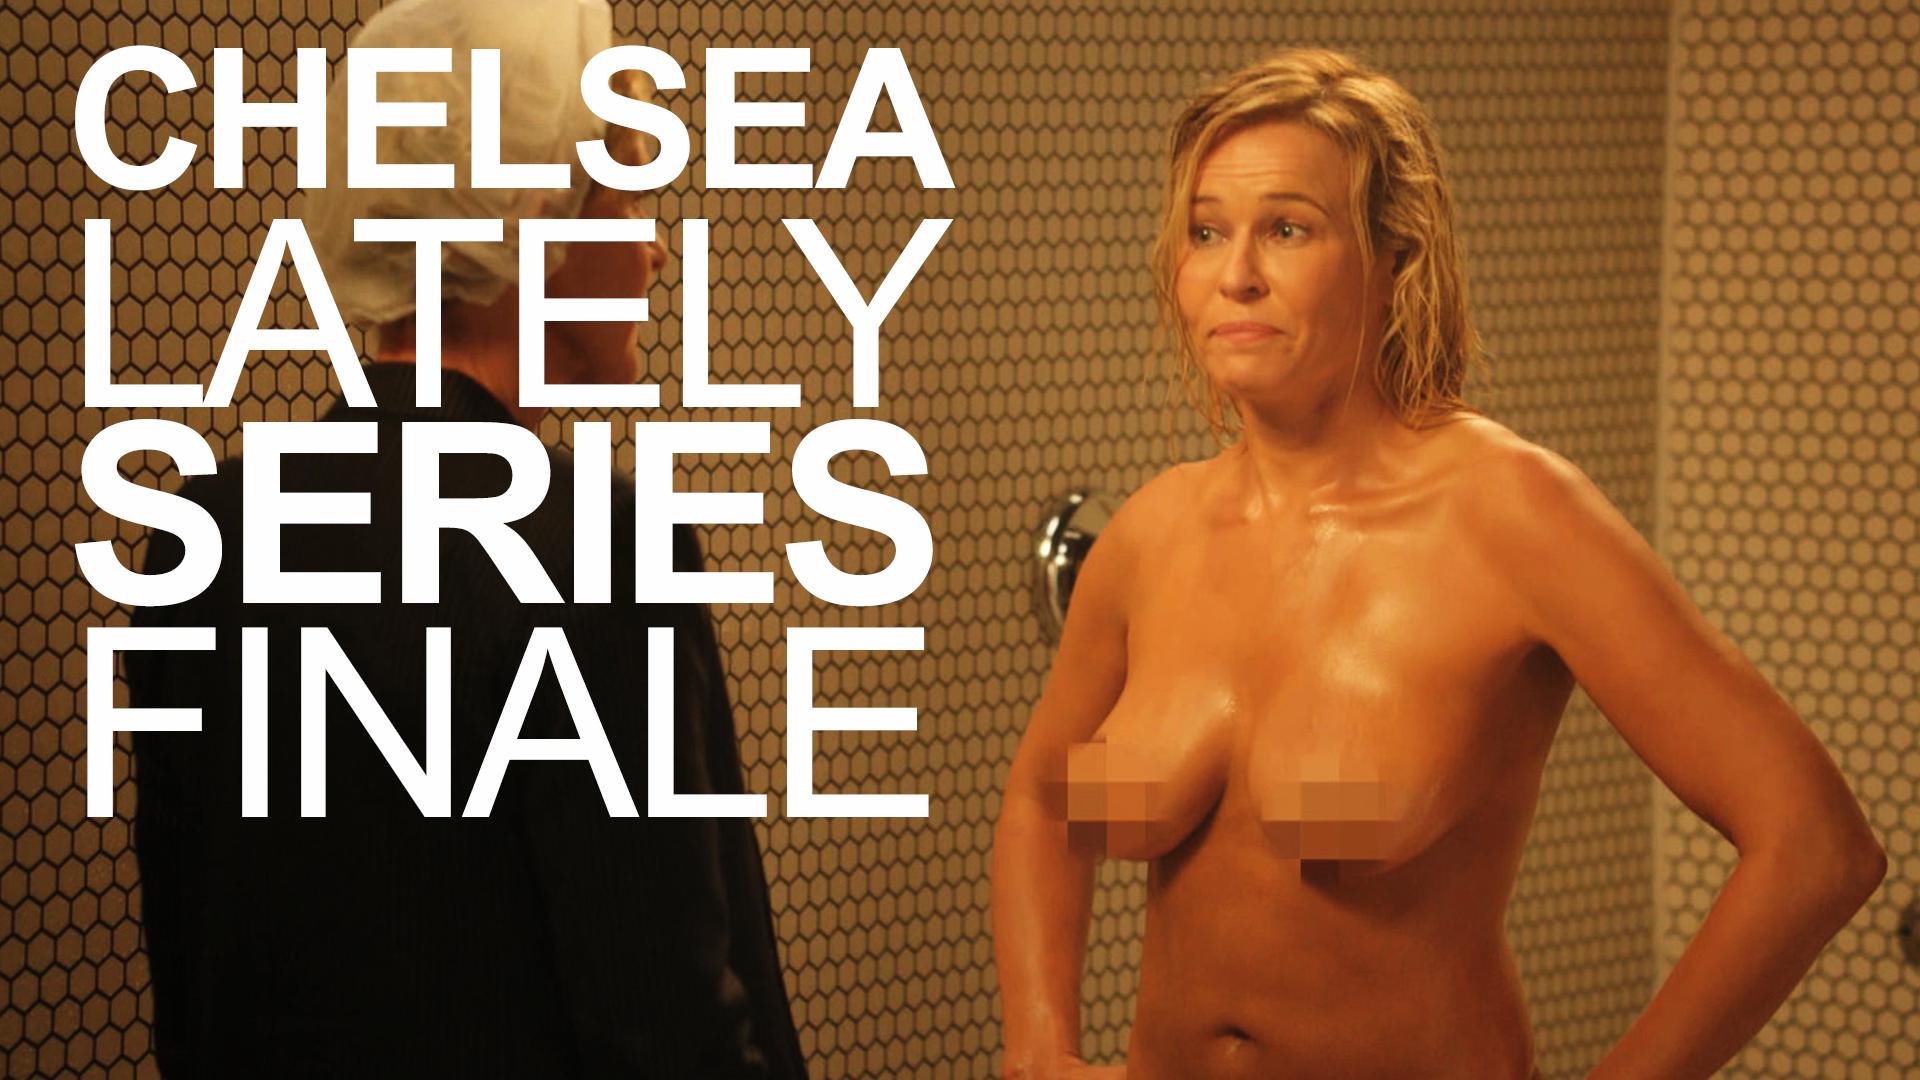 Chelsea handler jokes about her nude shower scene with ellen degeneres